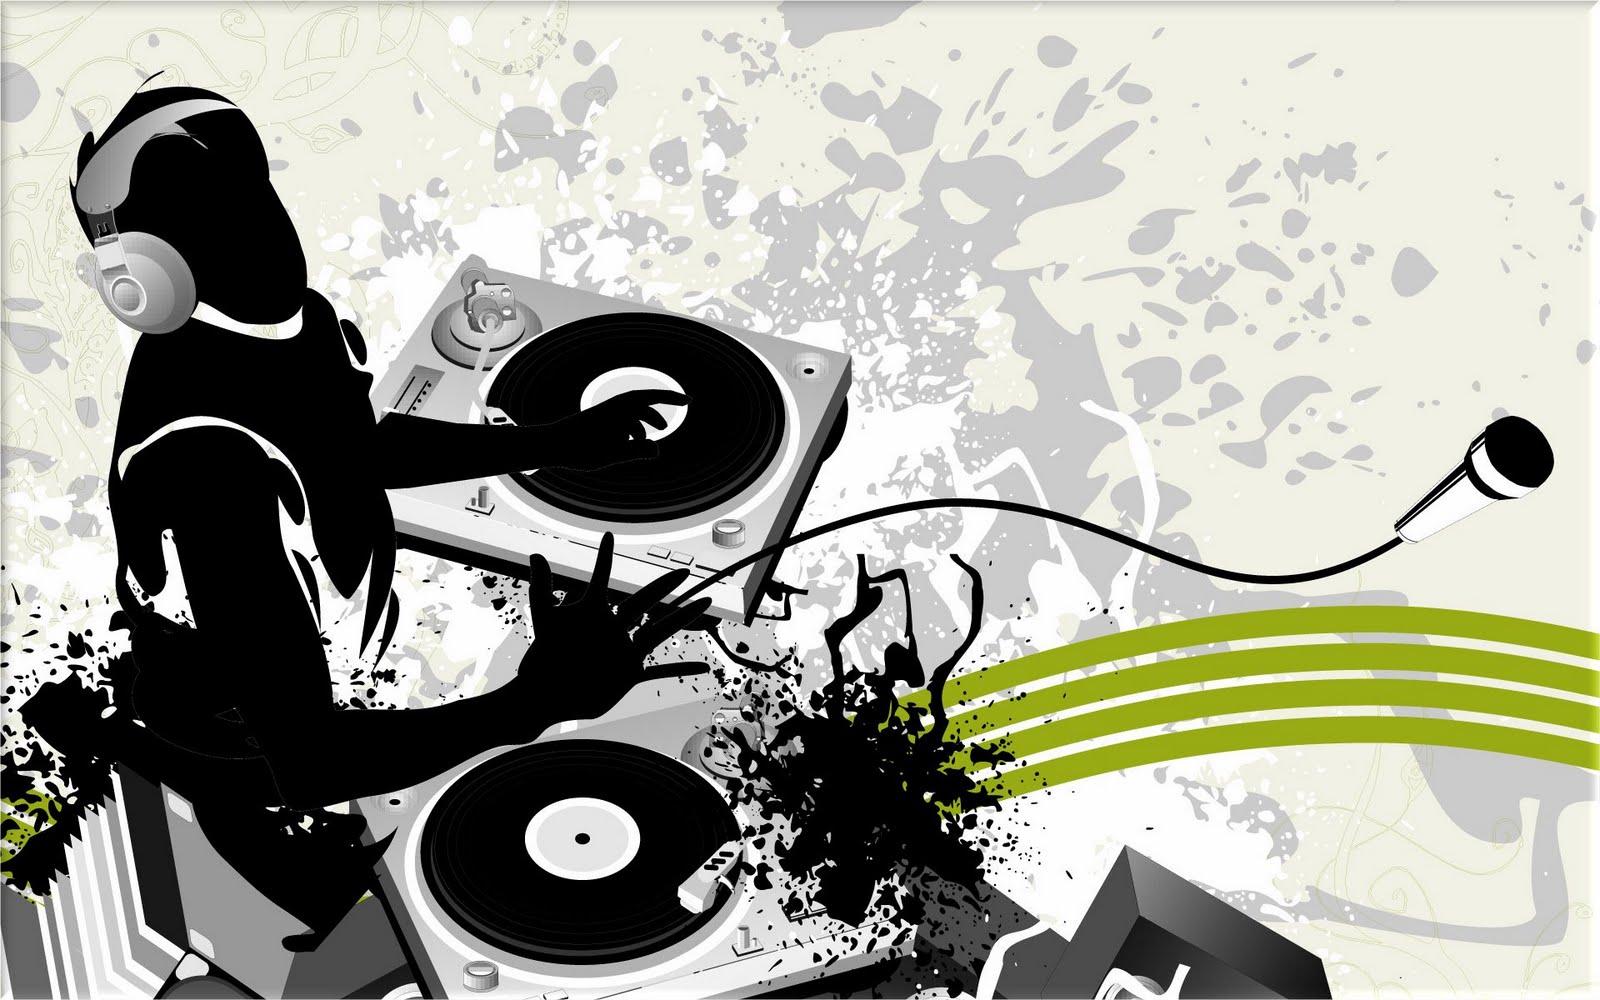 http://2.bp.blogspot.com/-MyrqC6LVoRE/TgpZHDIVREI/AAAAAAAAAFg/4hXJNdBqiRE/s1600/9-dj-music-wallpaper.jpg